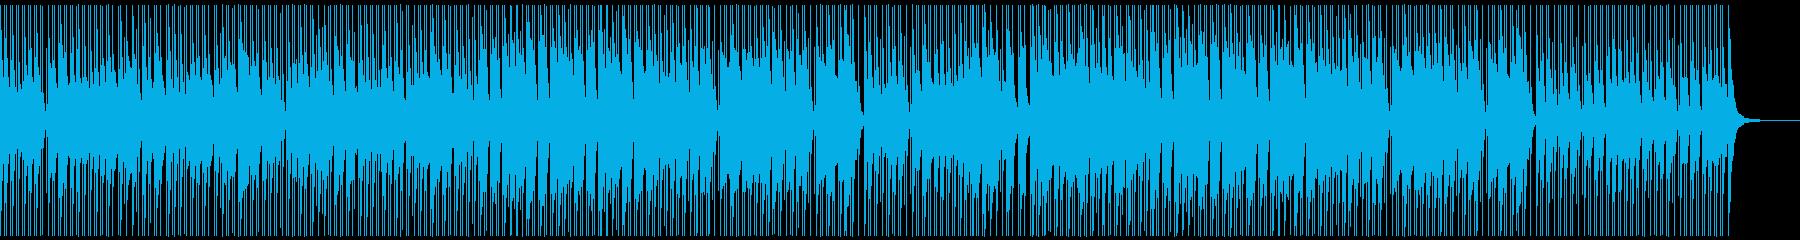 ノリ良い音頭の和風曲/ゲーム映像/M17の再生済みの波形